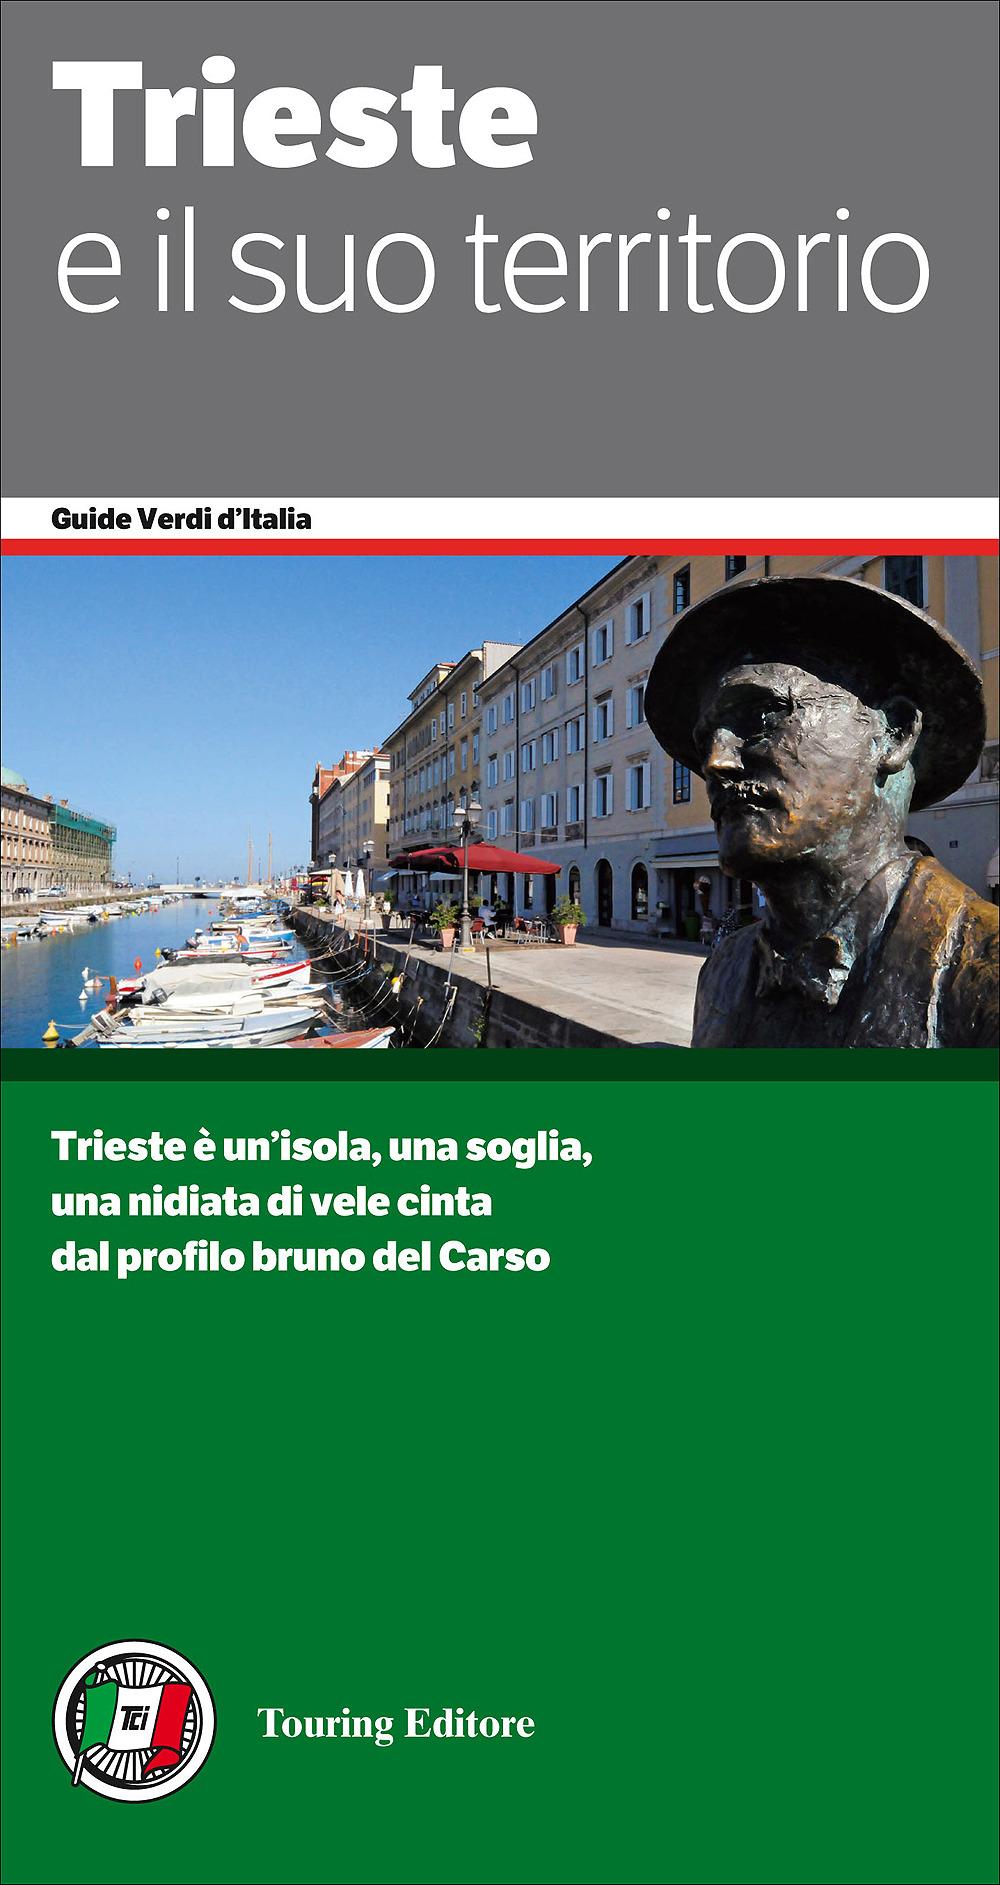 Trieste e il suo territorio touring editore libreria for Planimetrie dei quartieri suocera